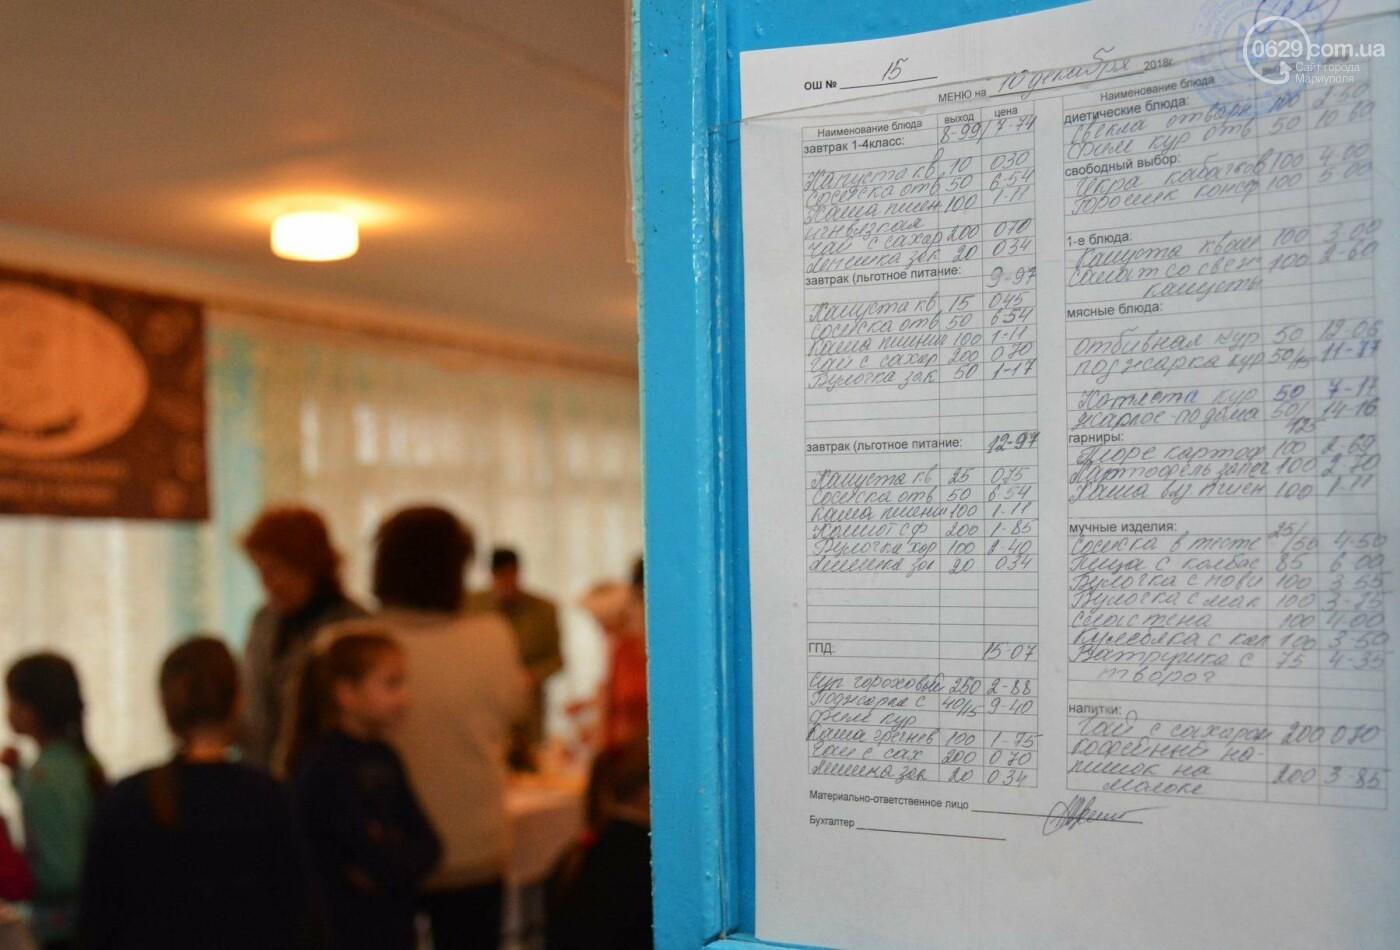 Больше молочных и мясных блюд, свежих овощей и фруктов: в ОШ № 15 представили обновленное меню для школьников., фото-6